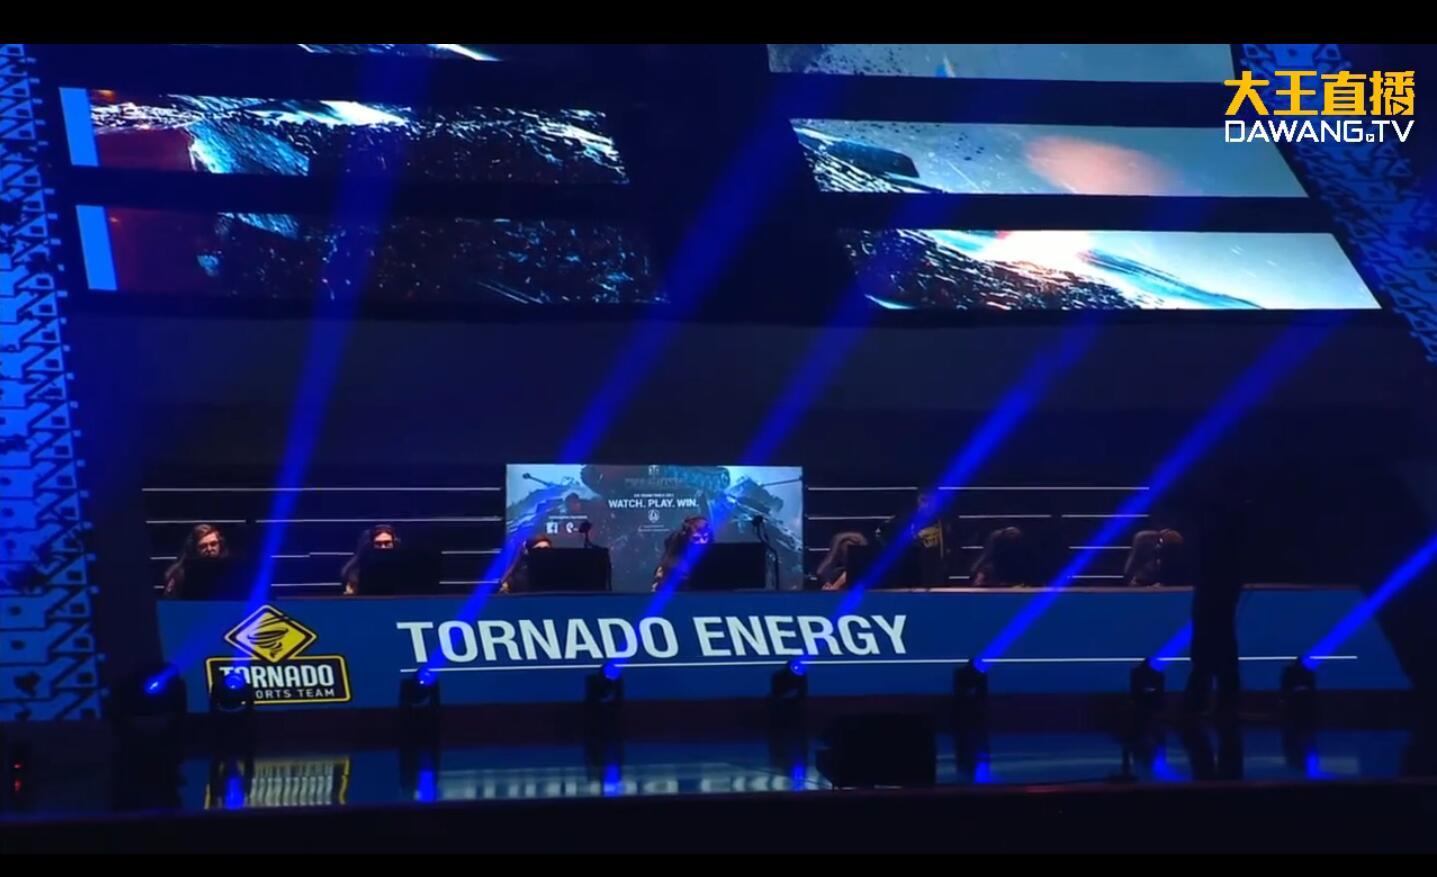 Tornado Energy